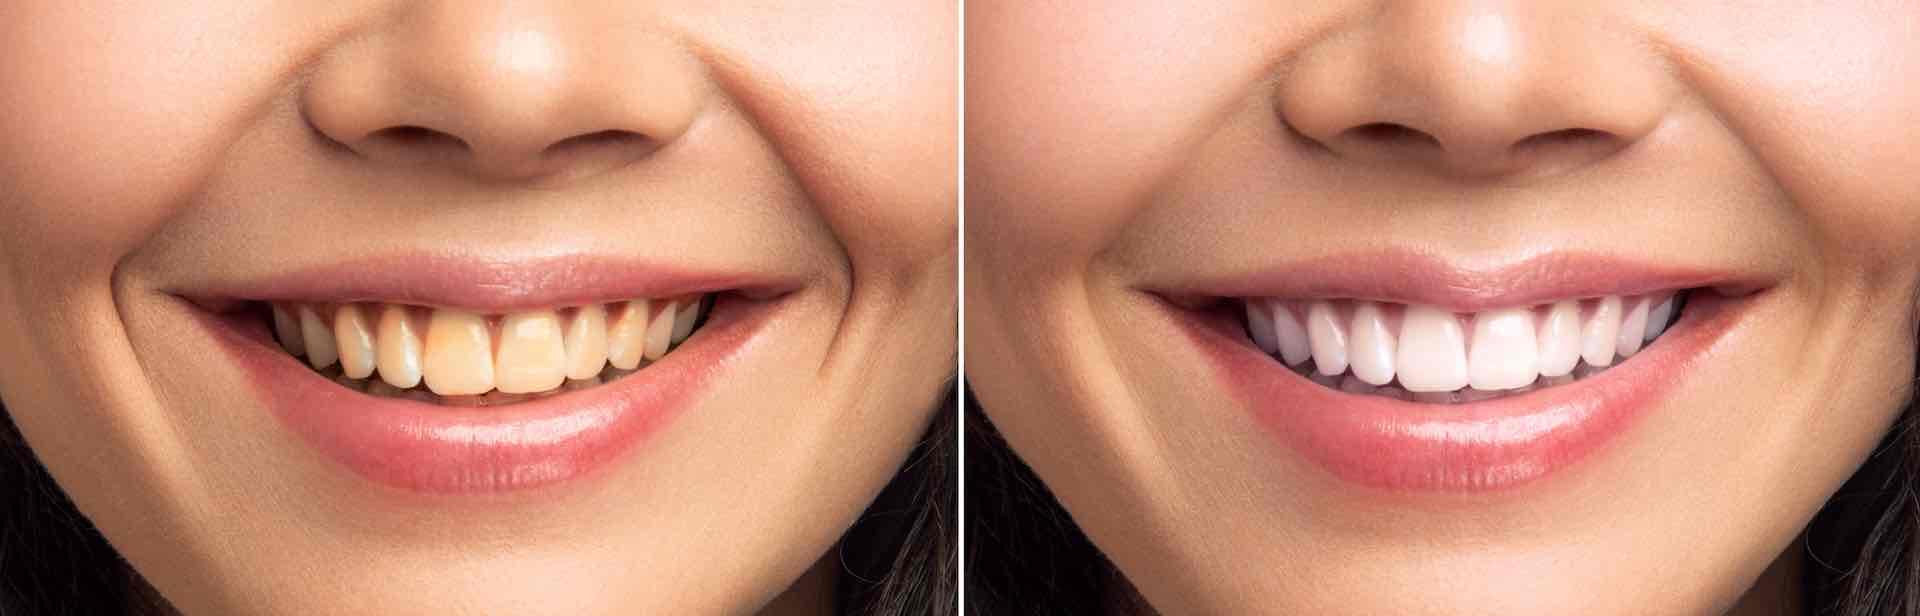 Izbjeljivanje zubi prije i poslije